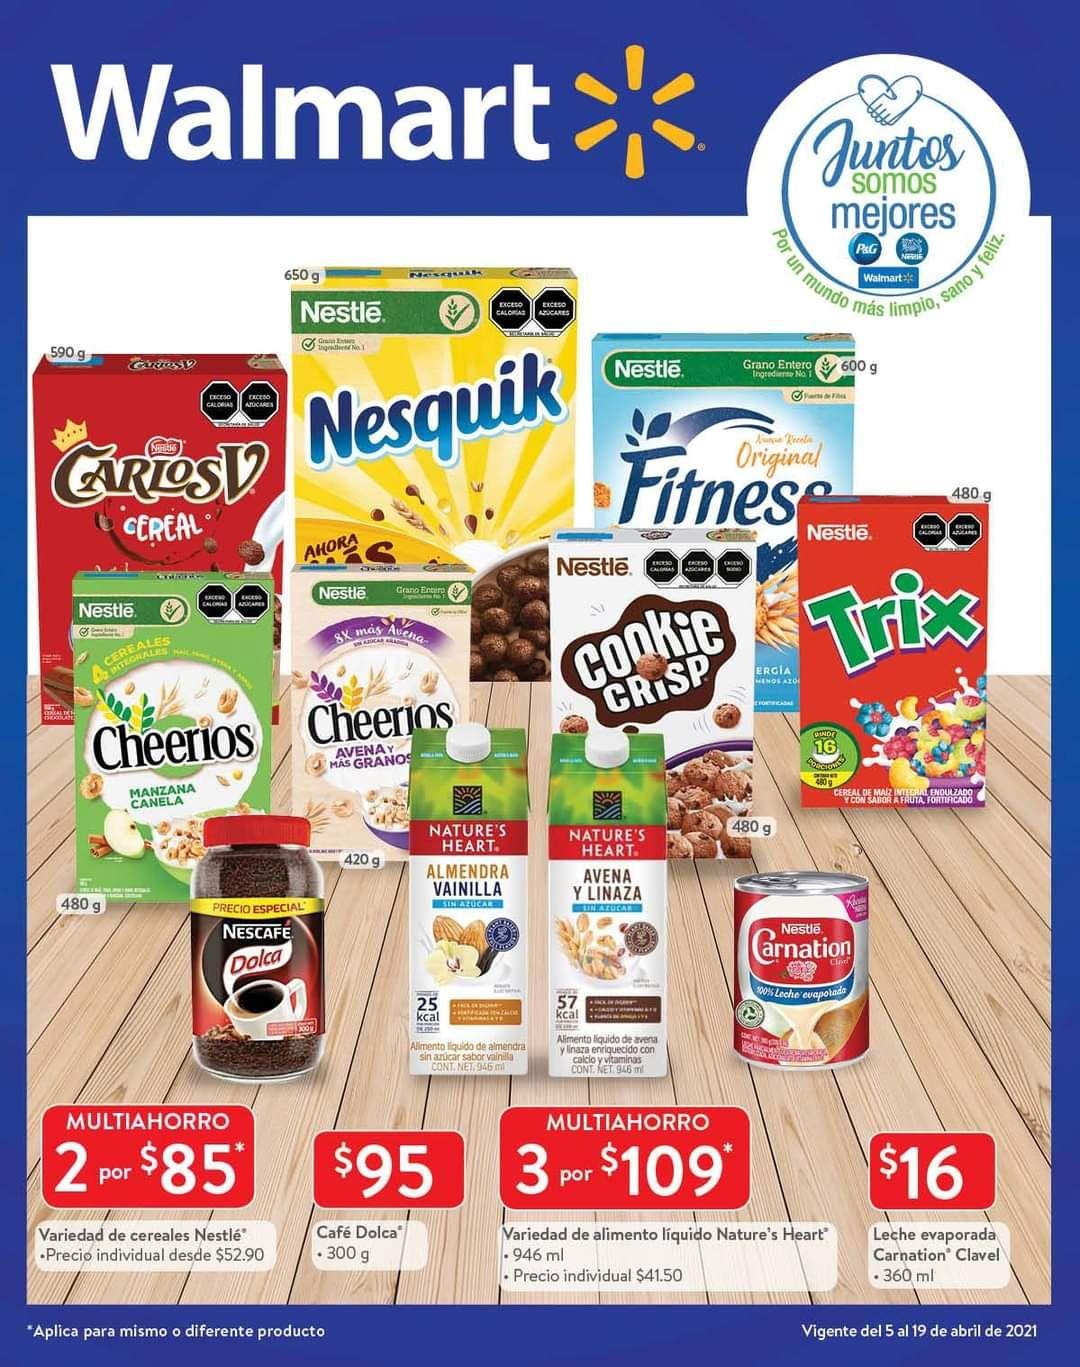 Walmart: Folleto de Ofertas Quincenal del Lunes 5 al Lunes 19 de Abril